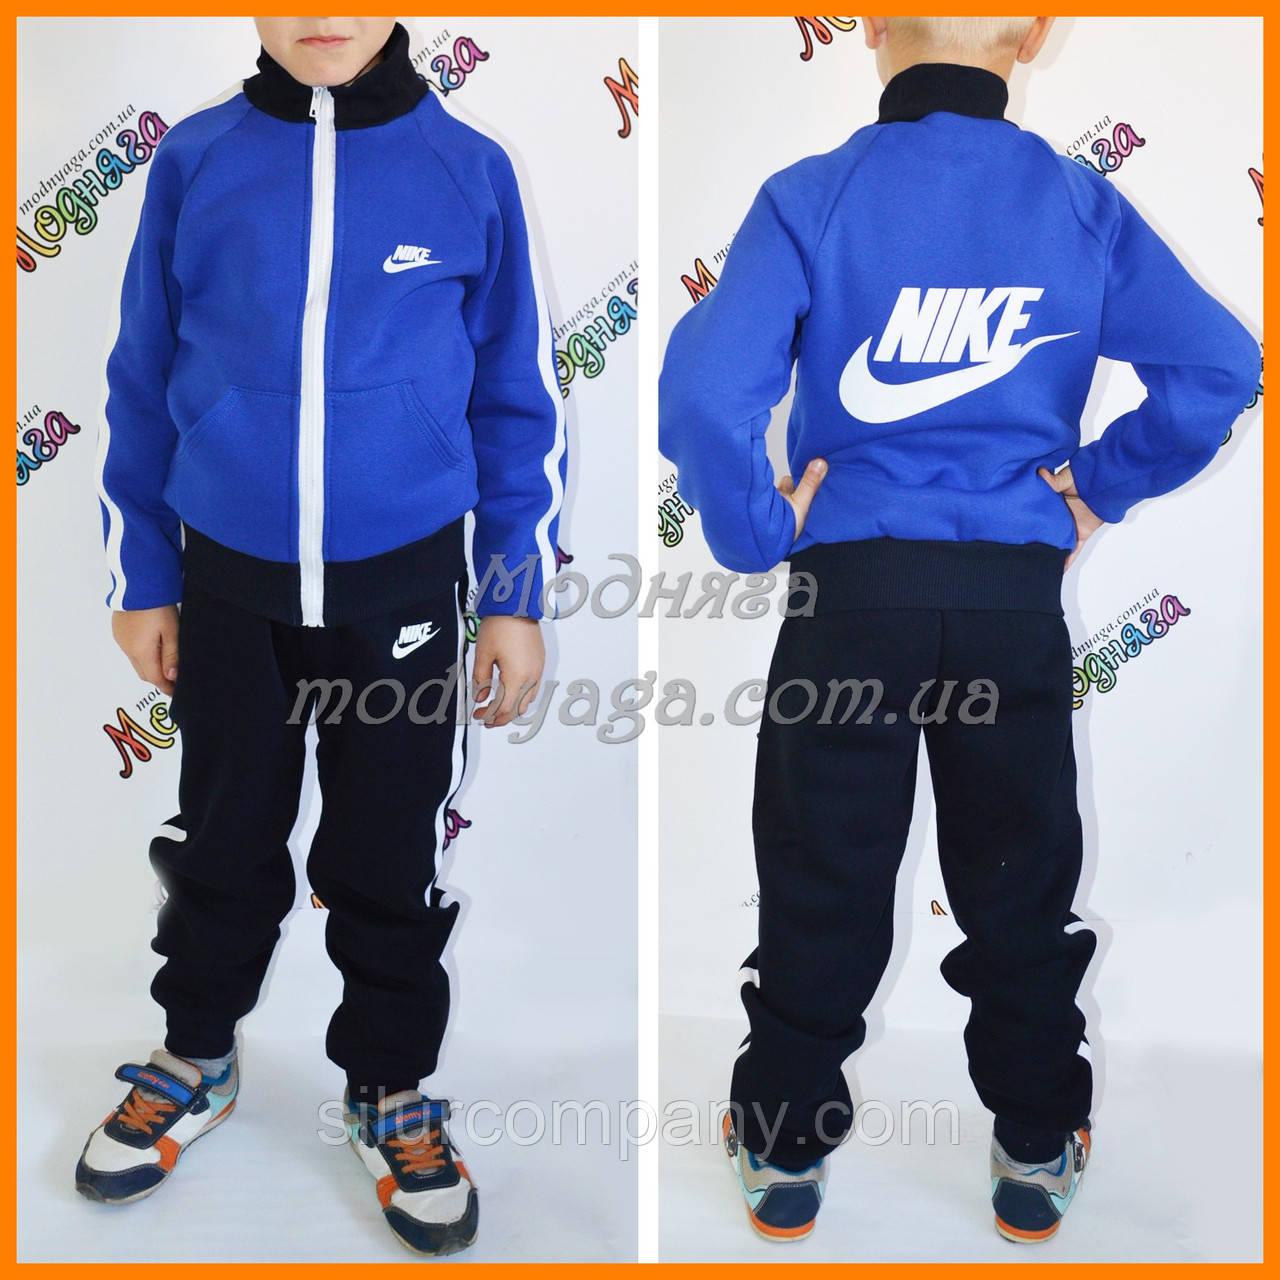 8e012de39e22 Детские костюмы Nike недорого   Утепленные детские костюмы Найк, фото 1